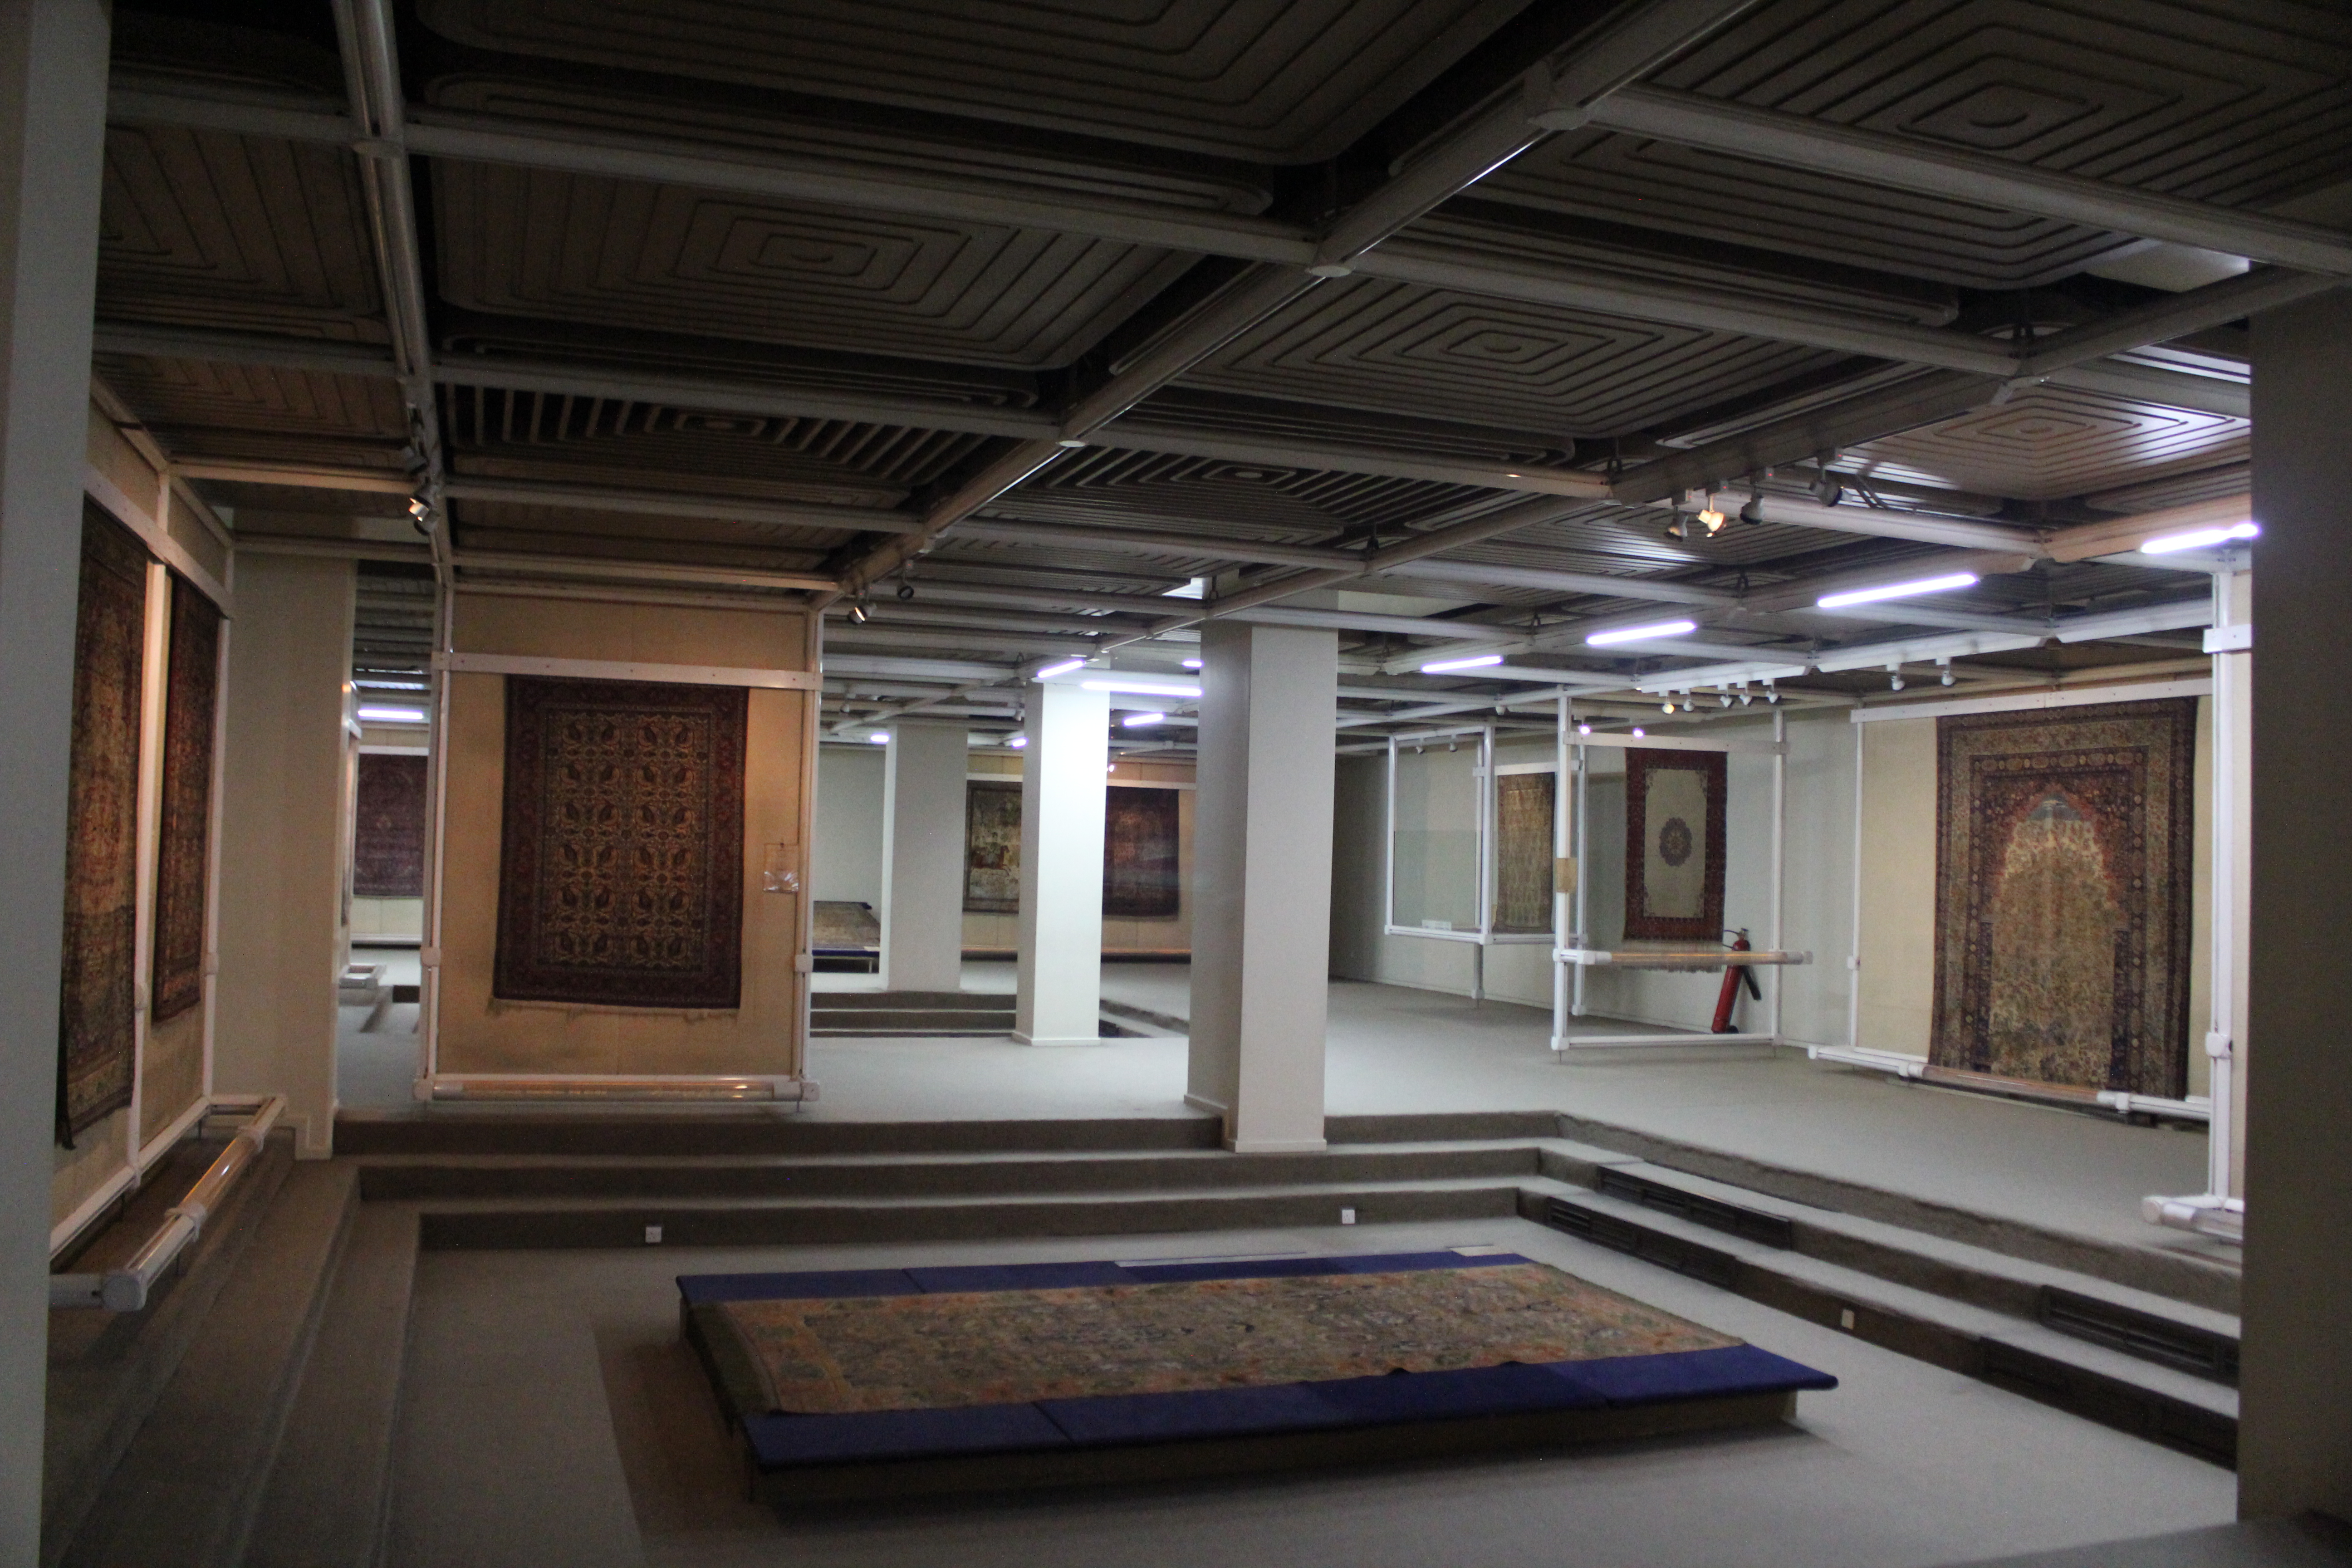 伊朗被认为是地毯编织艺术的发源地,地毯不仅代表着伊朗悠久浑厚的